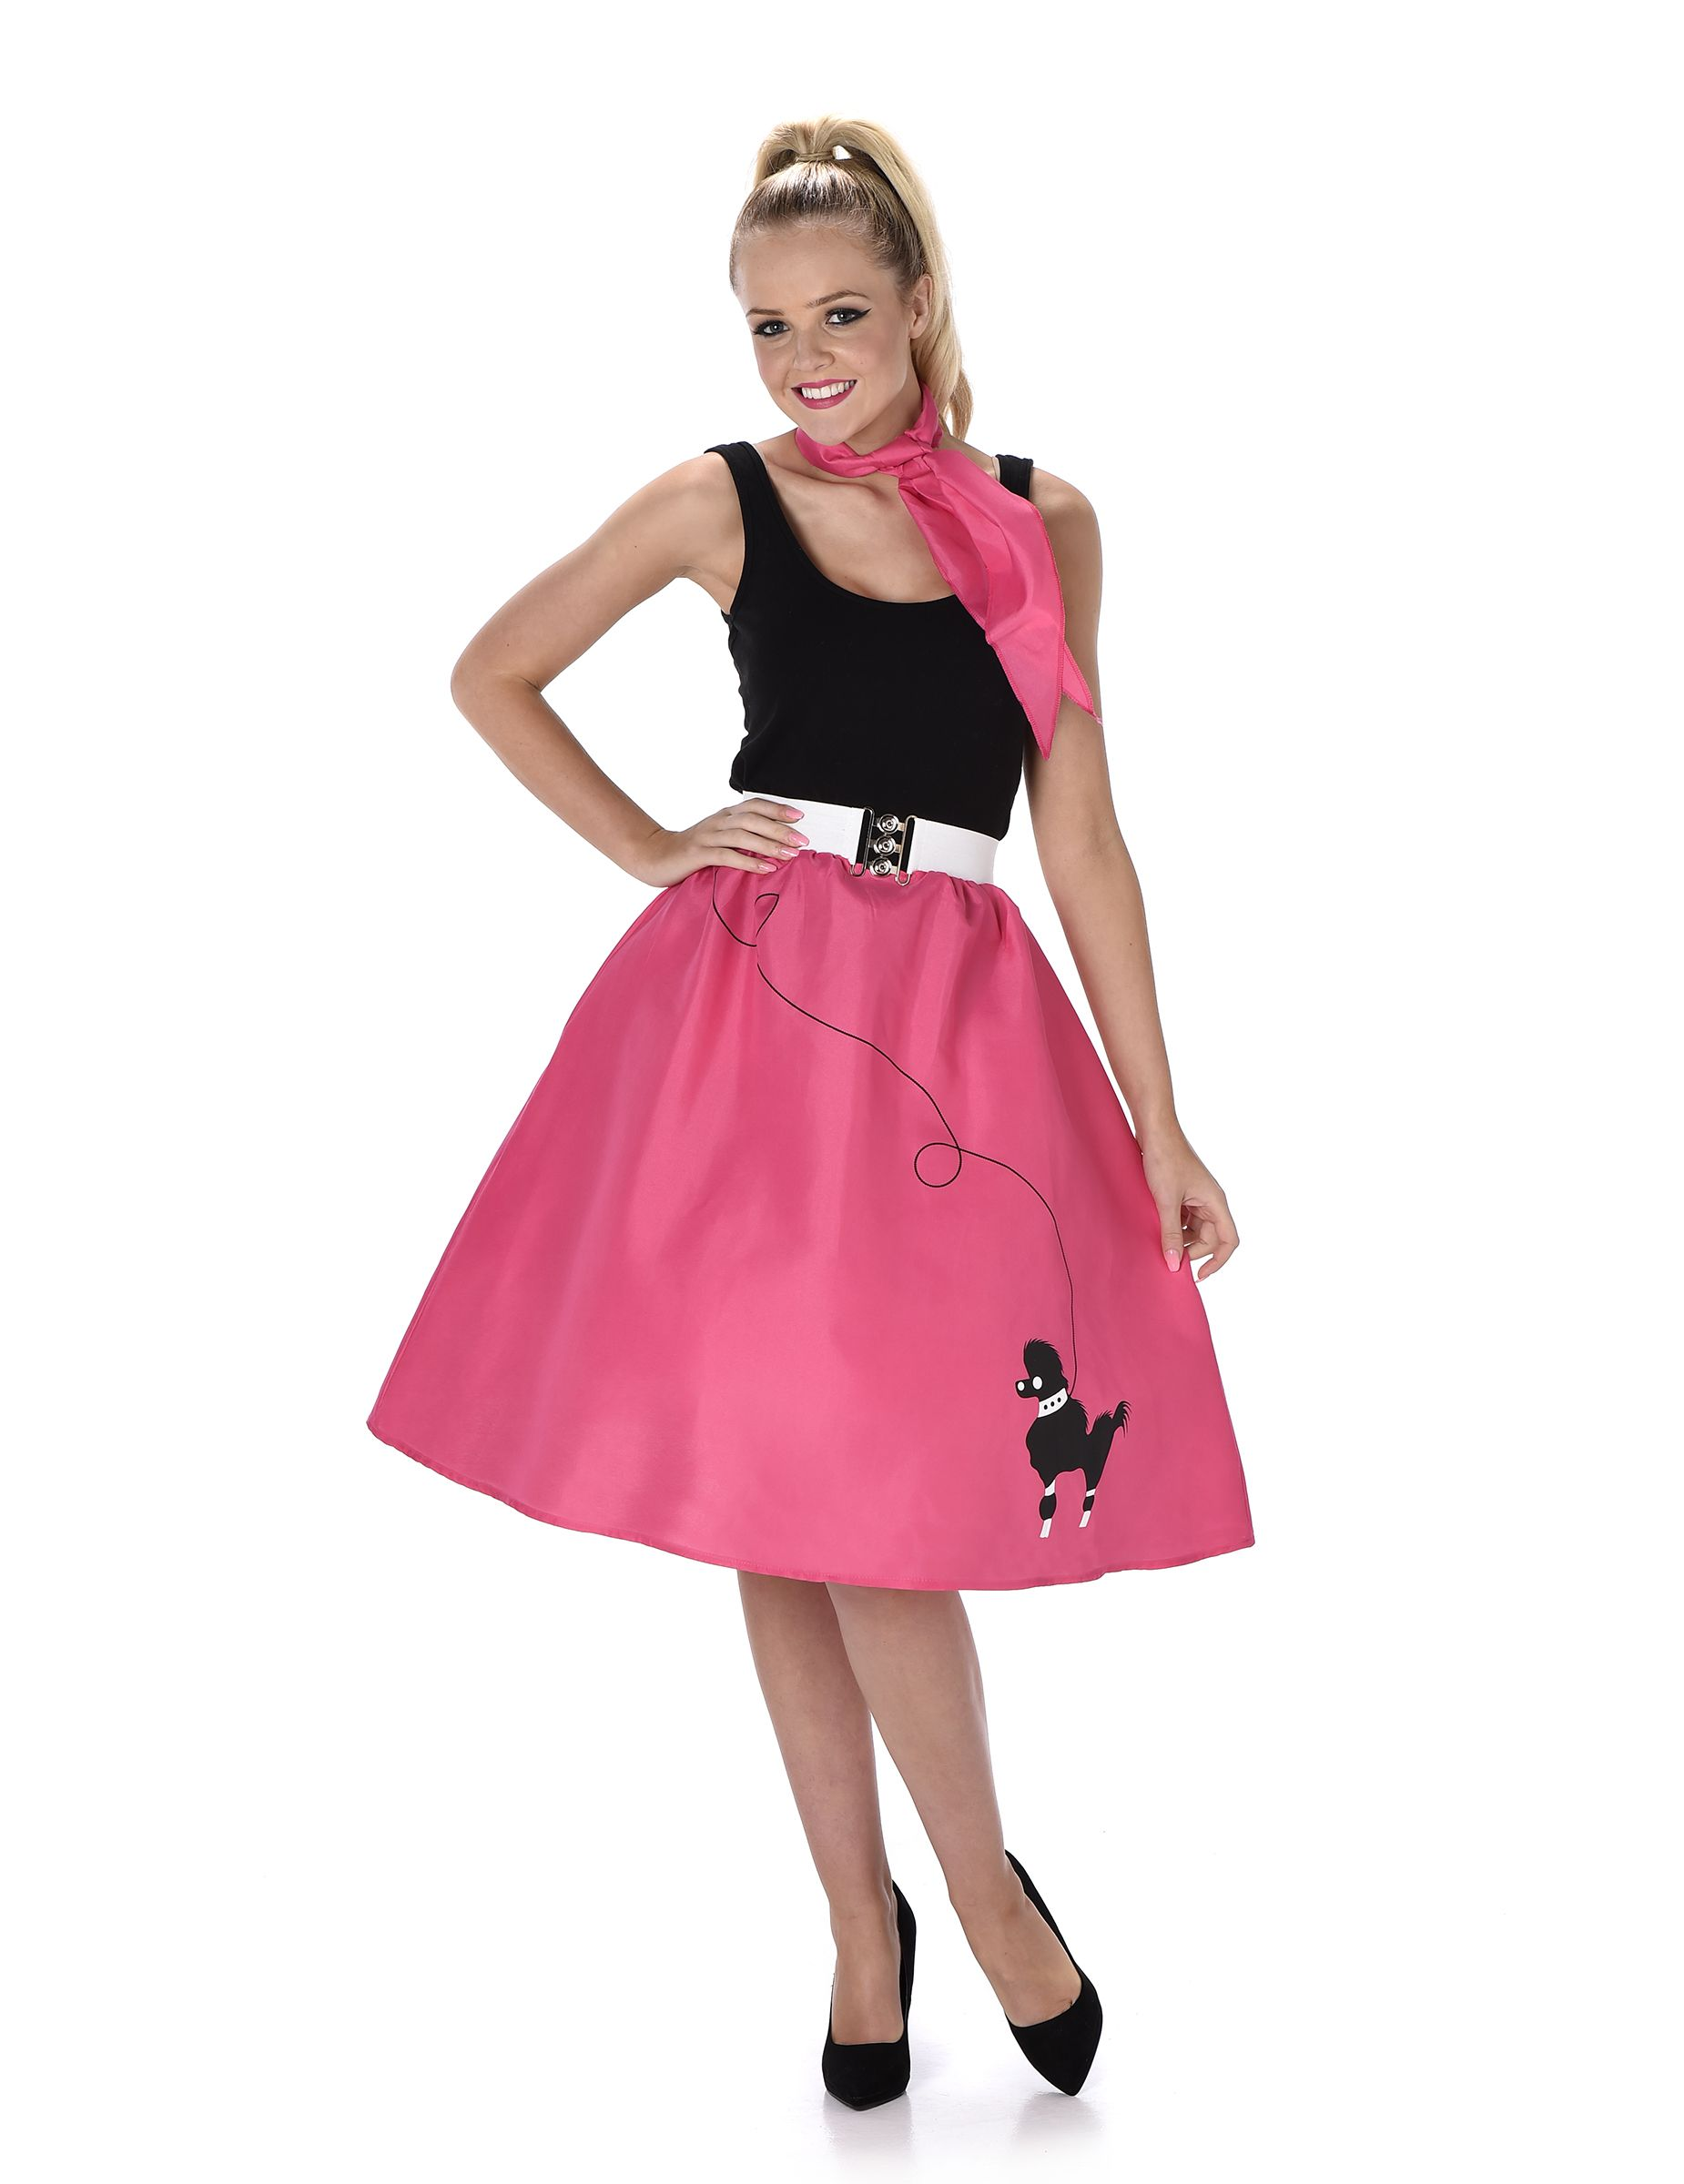 Disfraz rosa años 50 mujer  Este disfraz original incluye falda y pañuelo  (camiseta y zapatos no incluidos).La falda es rosa fucsia con un perro  negro ... 187c1e19fb4